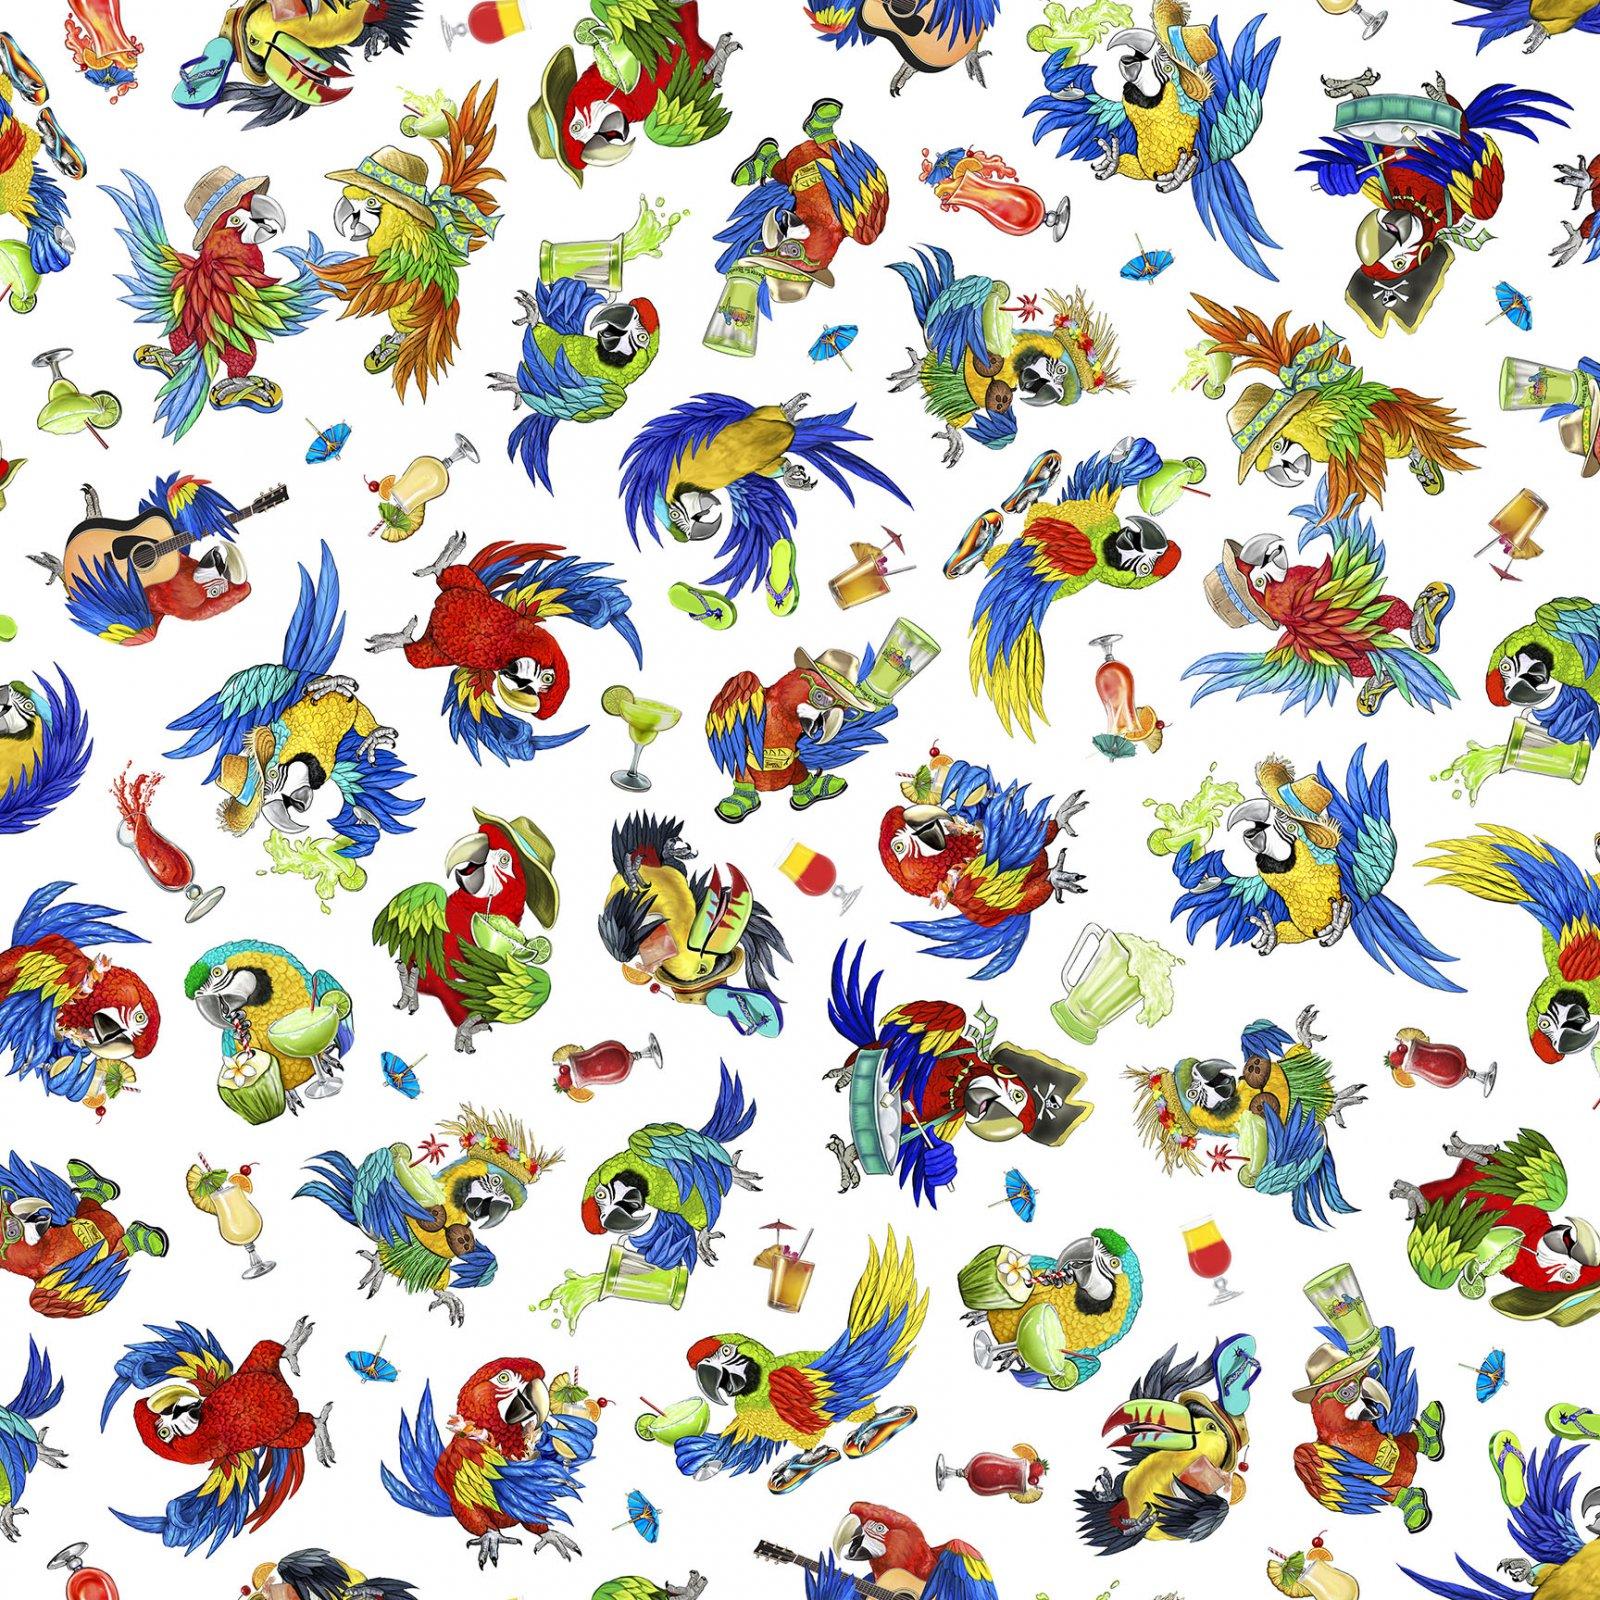 Margaritaville - Parrots on White